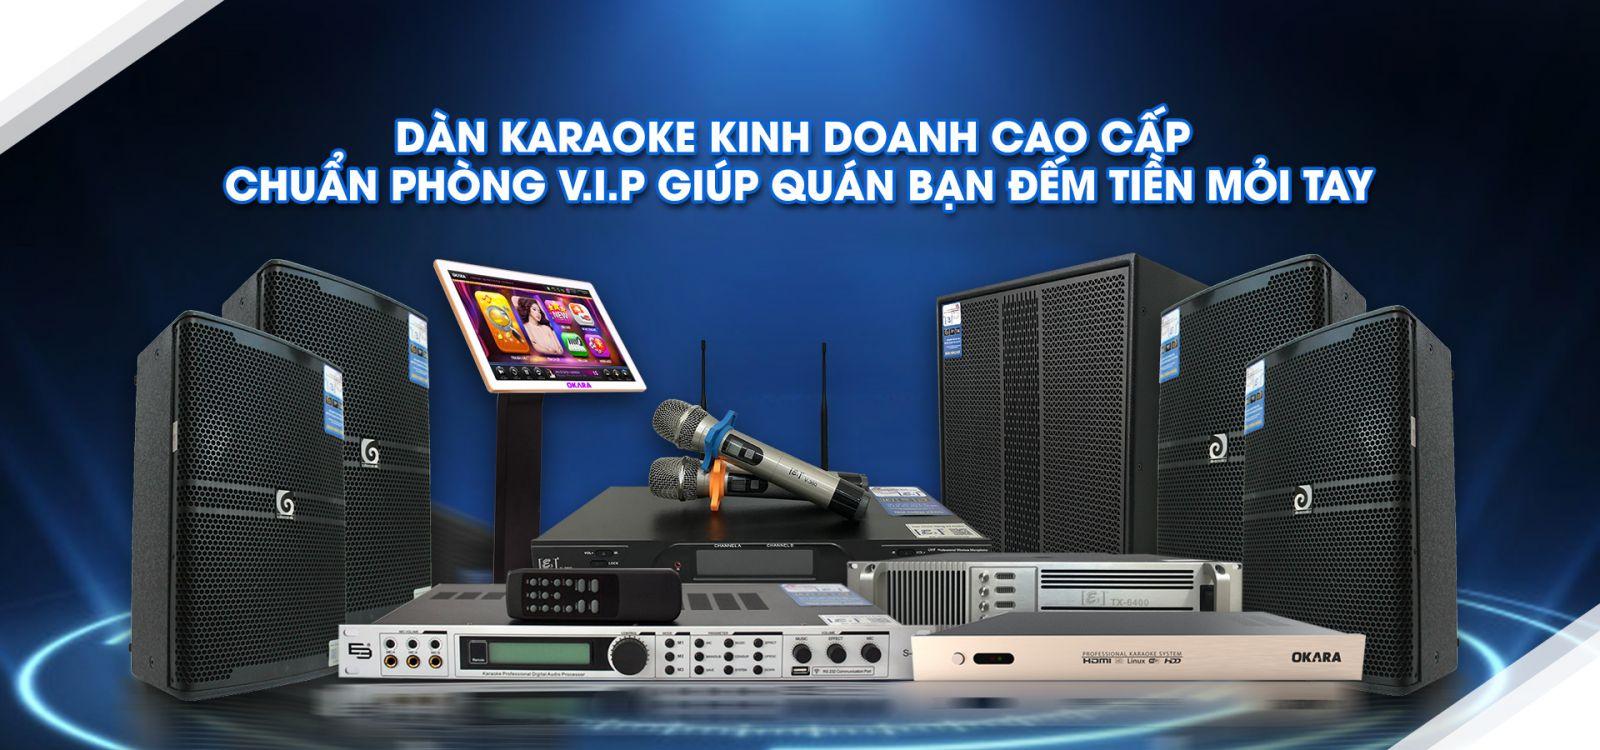 dan karaoke kinh doanh hay nhat 2020